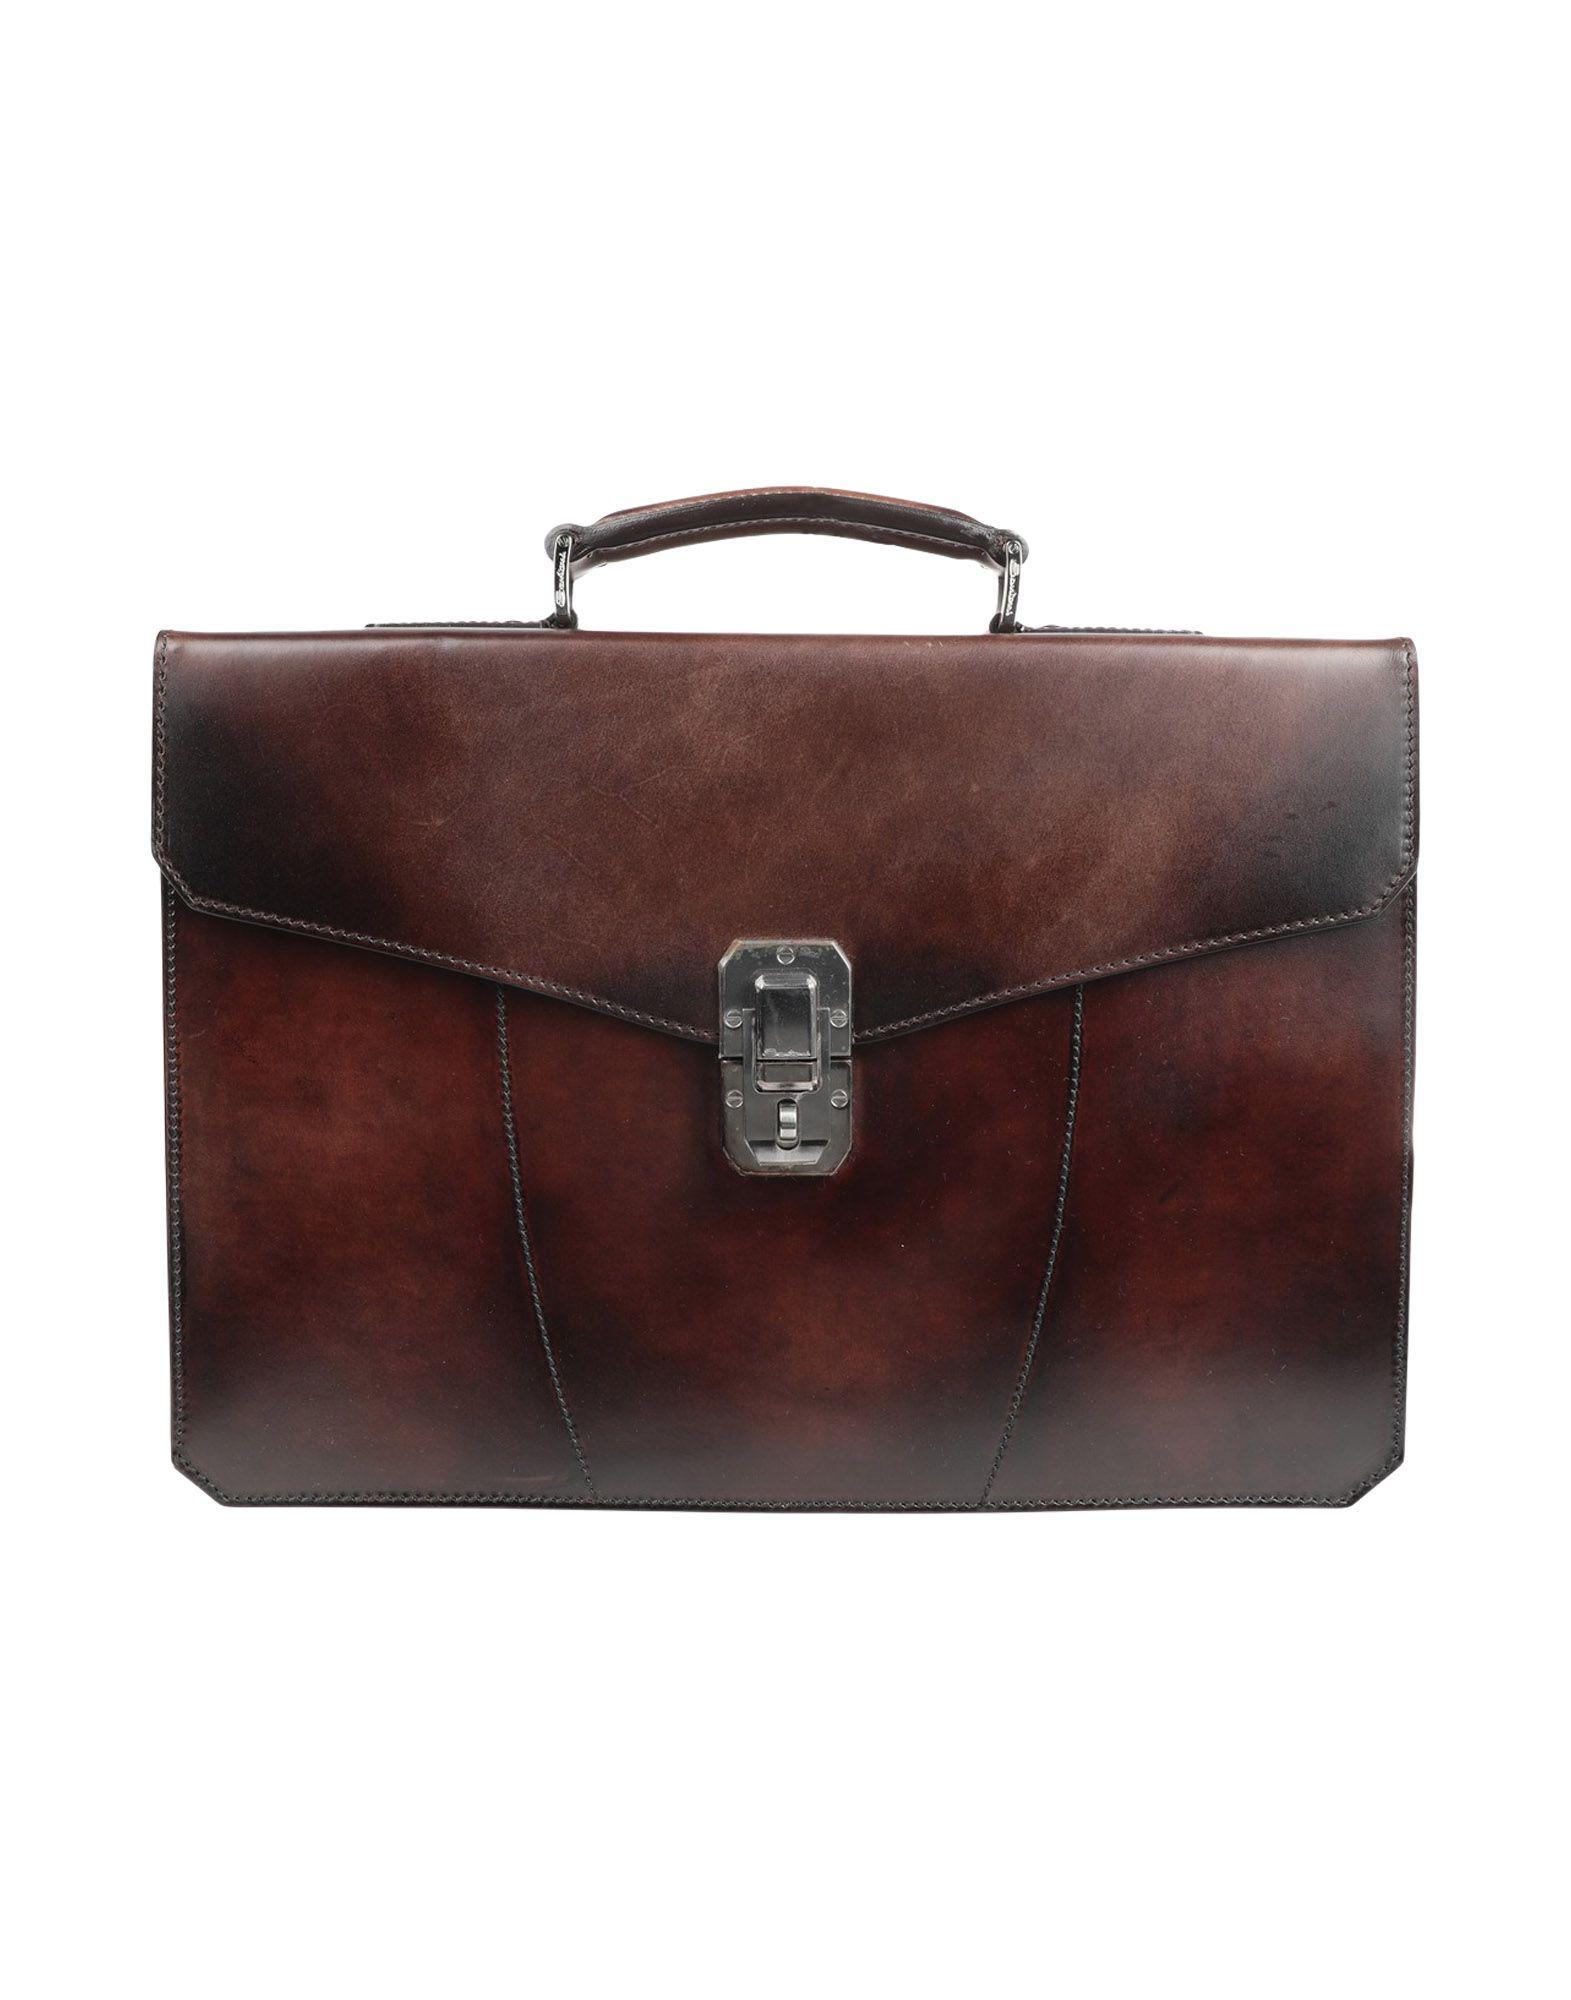 SANTONI Деловые сумки bag florence bags сумки деловые